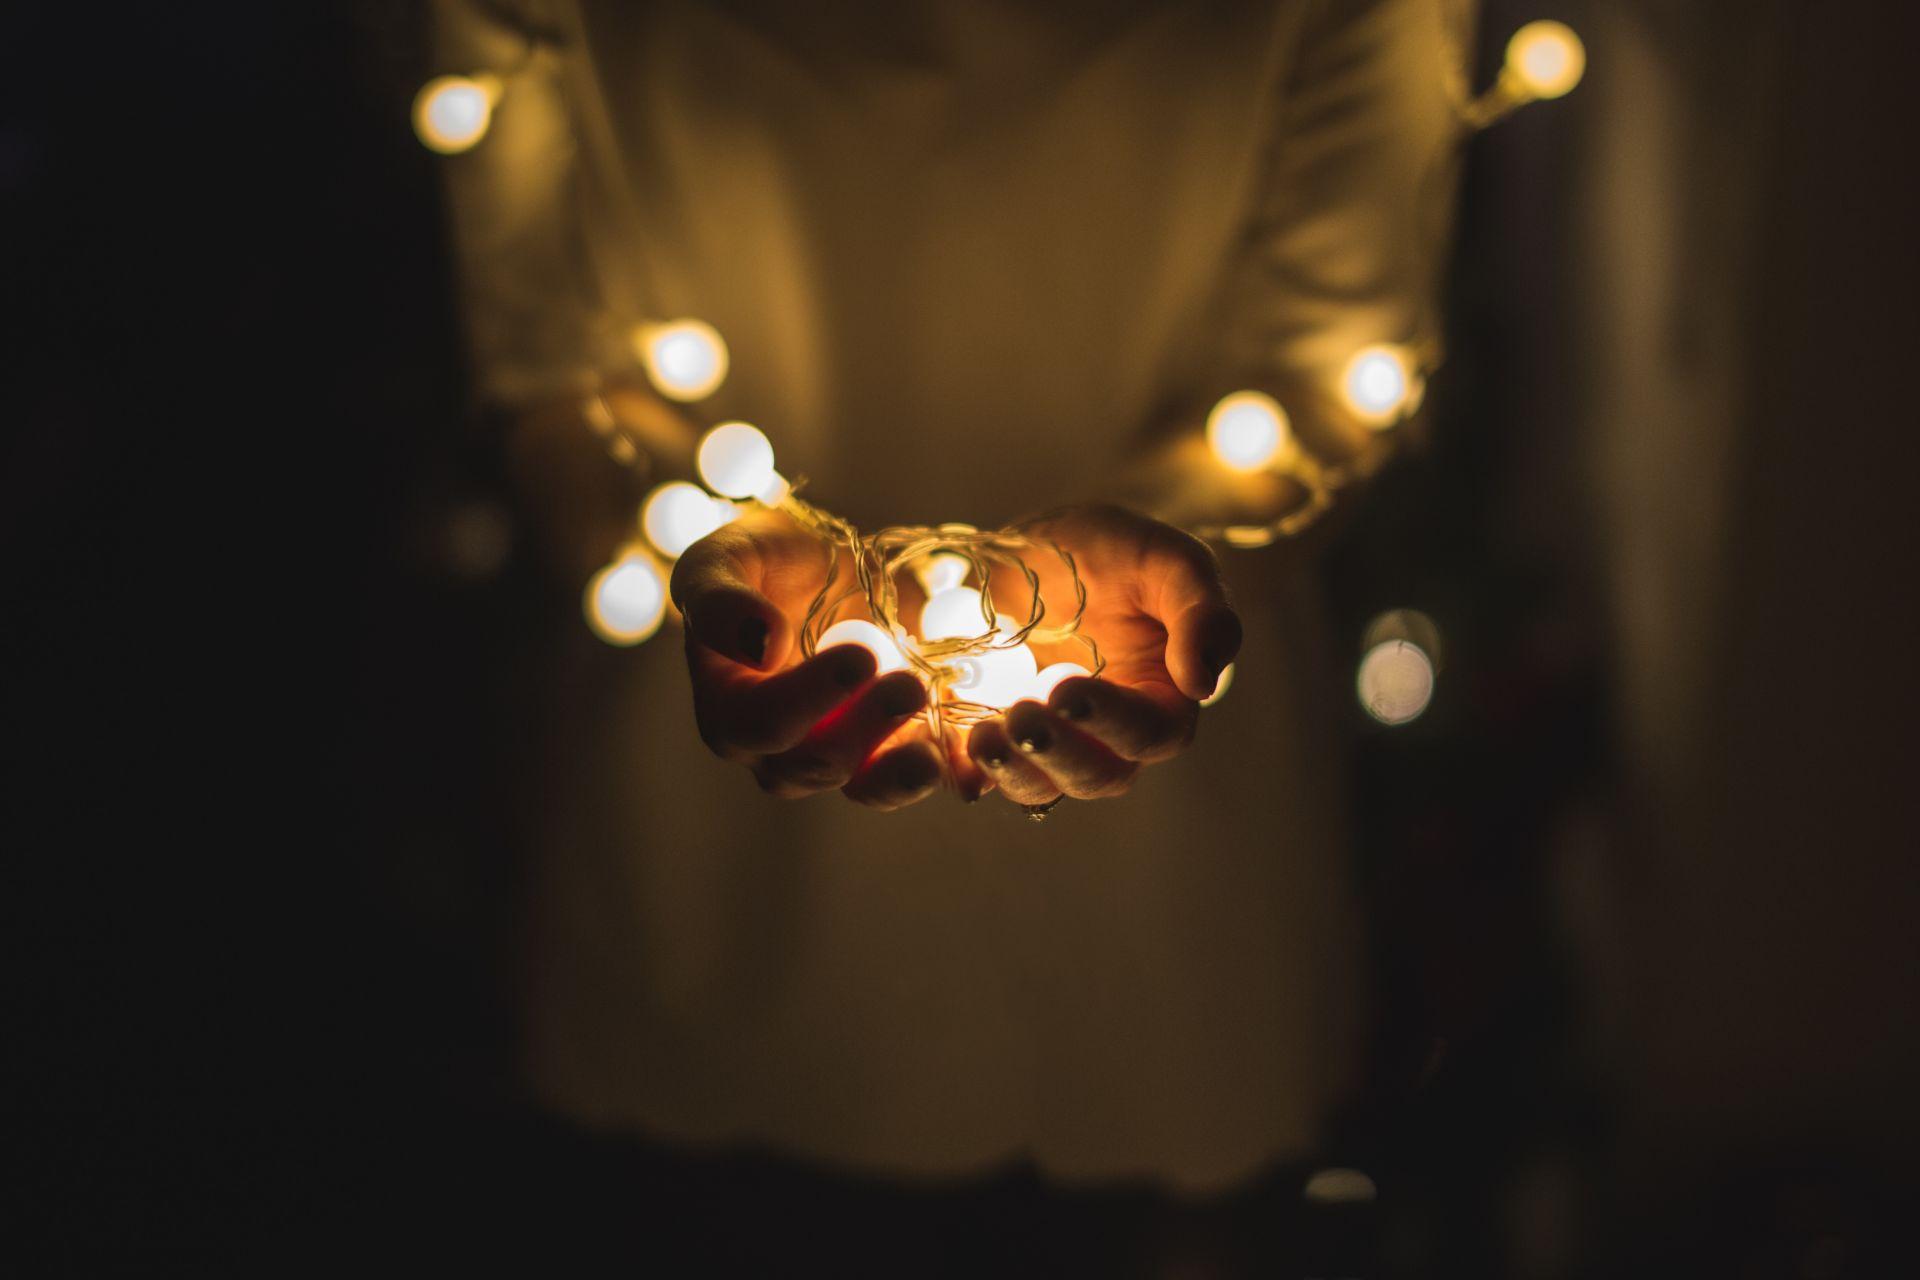 Vaaleaan villapaitaan pukeutunut henkilö pitää käsissään led-valonauhaa.